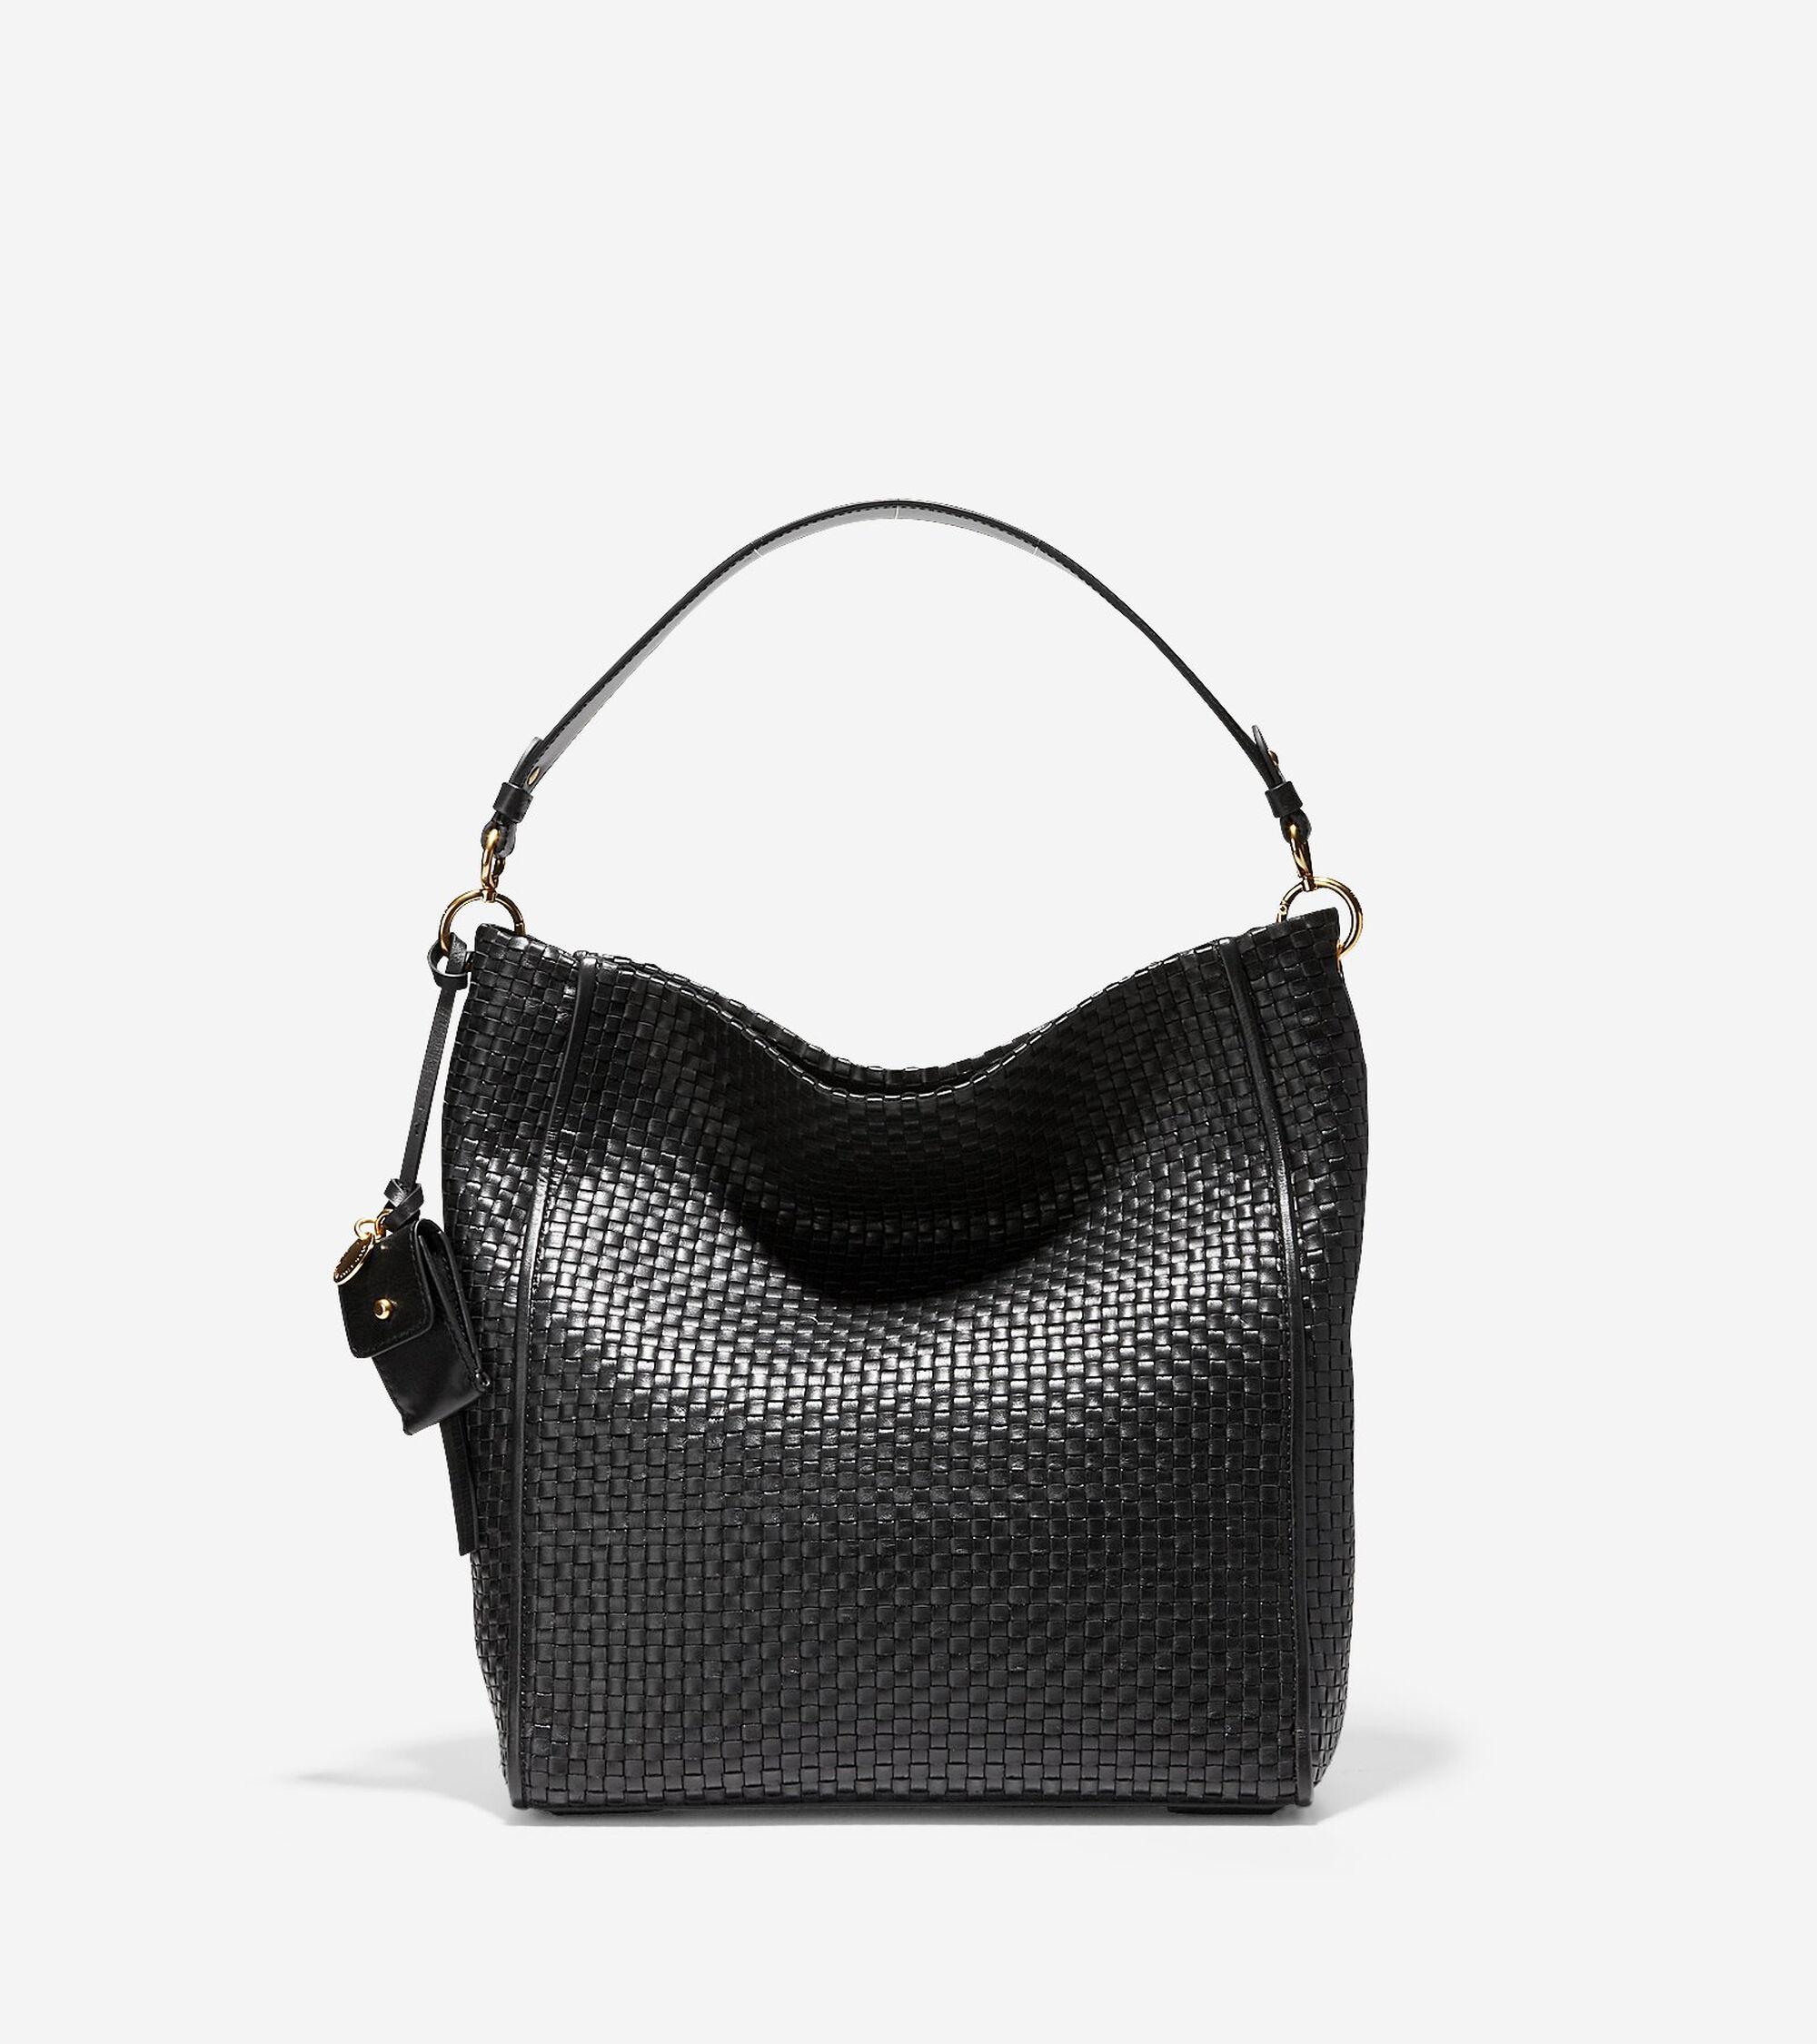 4b6bcaaf33 Women s Zoe Woven Bucket Hobo in Black Leather